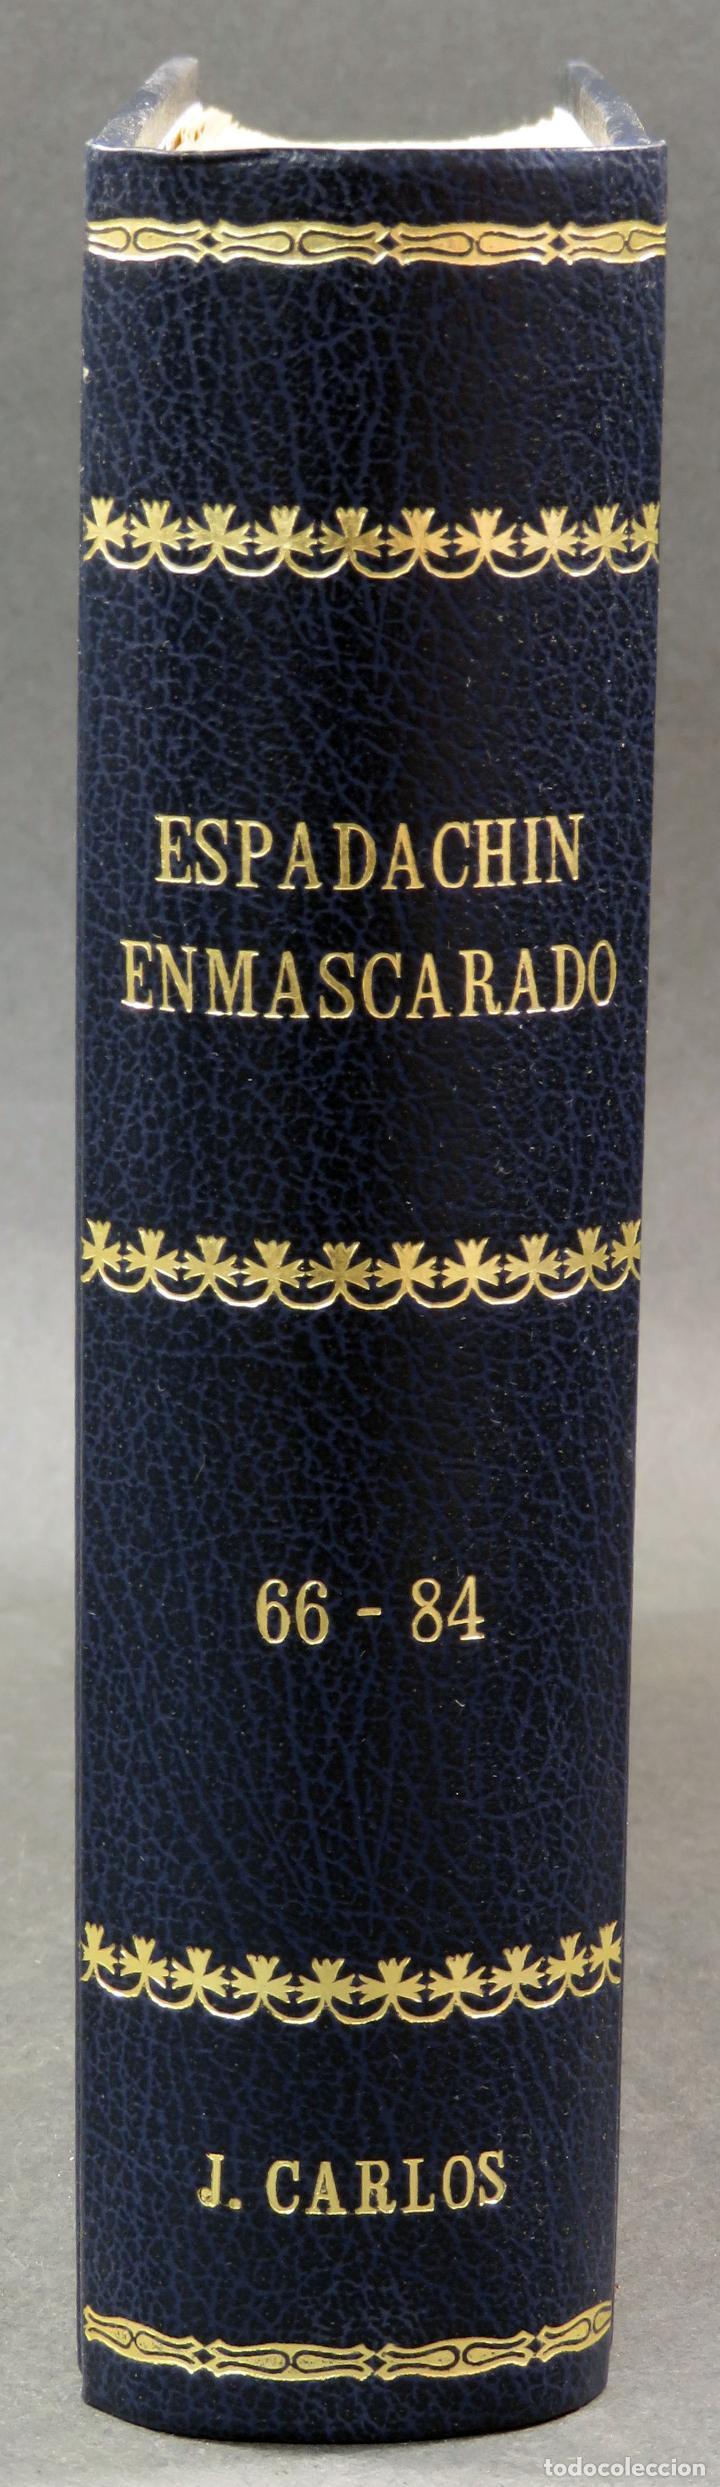 Tebeos: Espadachín Enmascarado Editora Valenciana 1981 completo nº 1 al 84 4 tomos encuadernados 2ª edición - Foto 20 - 149204866